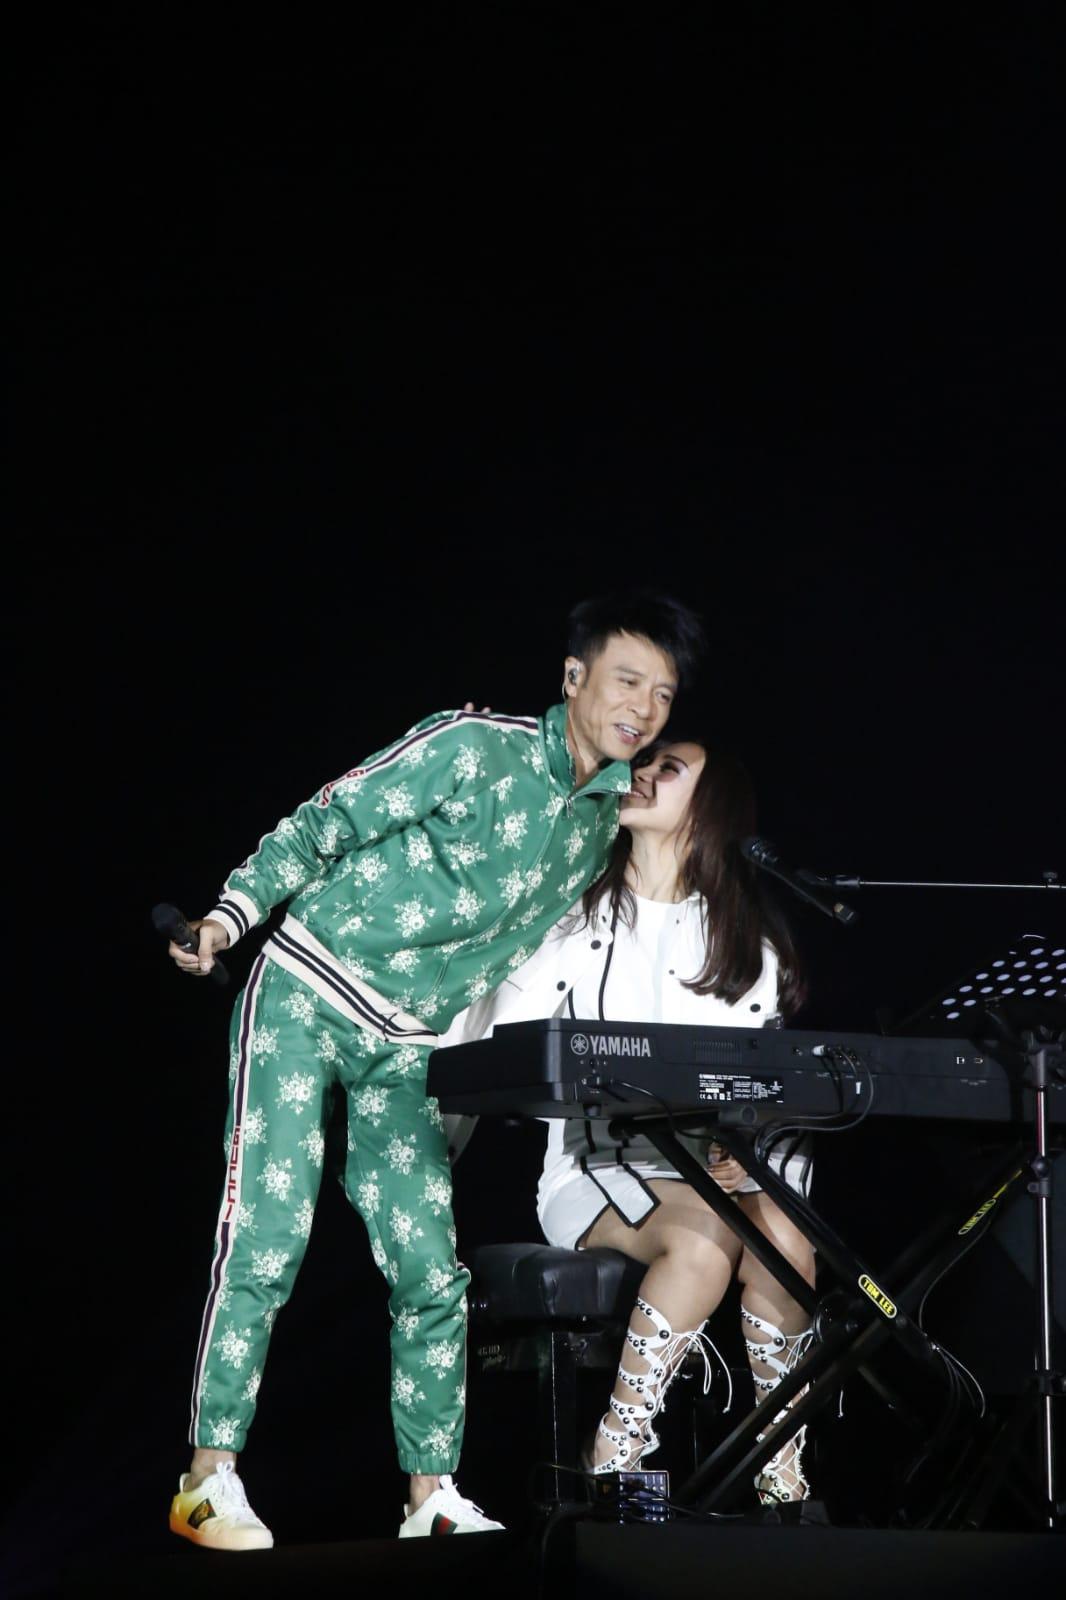 李克勤、周國賢及江海迦(AGA)昨晚一起合作演出「The TRIO 拉闊音樂會」。